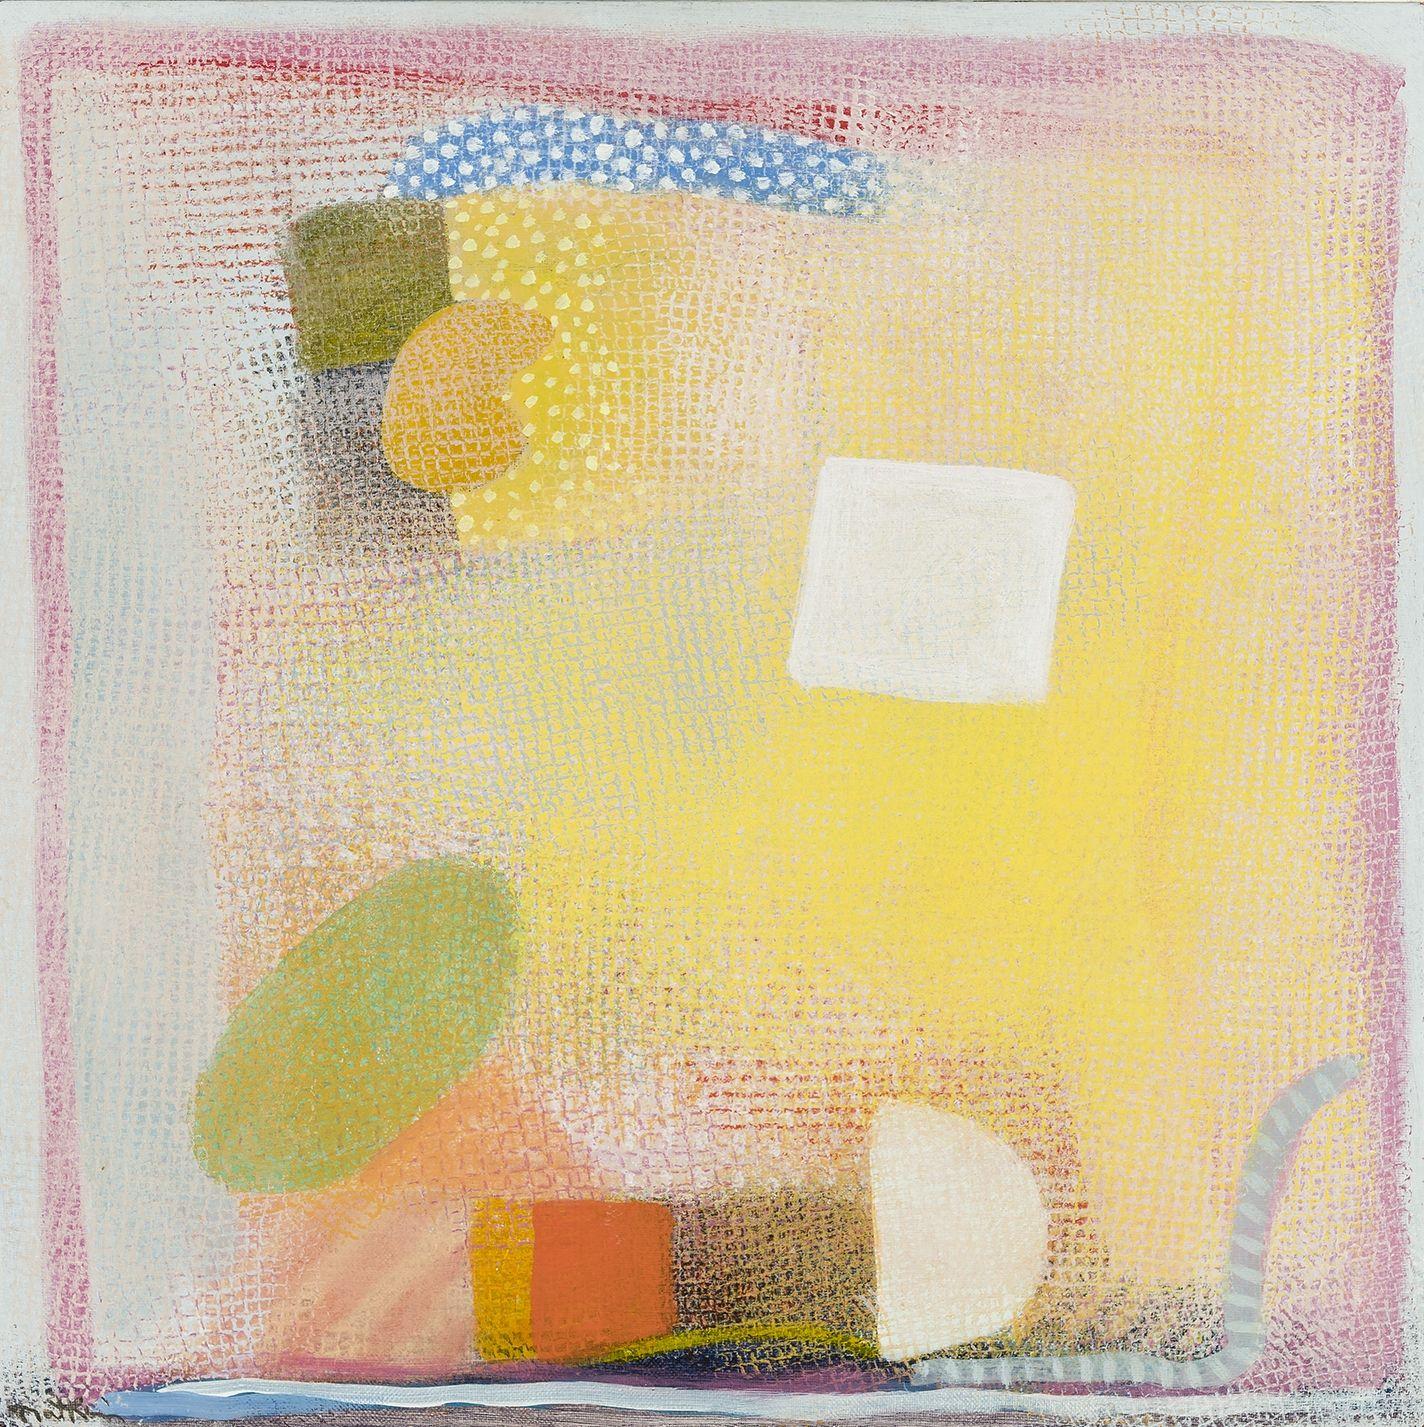 Danae, 1995 Acrylic on canvas, 18 x 18 in.